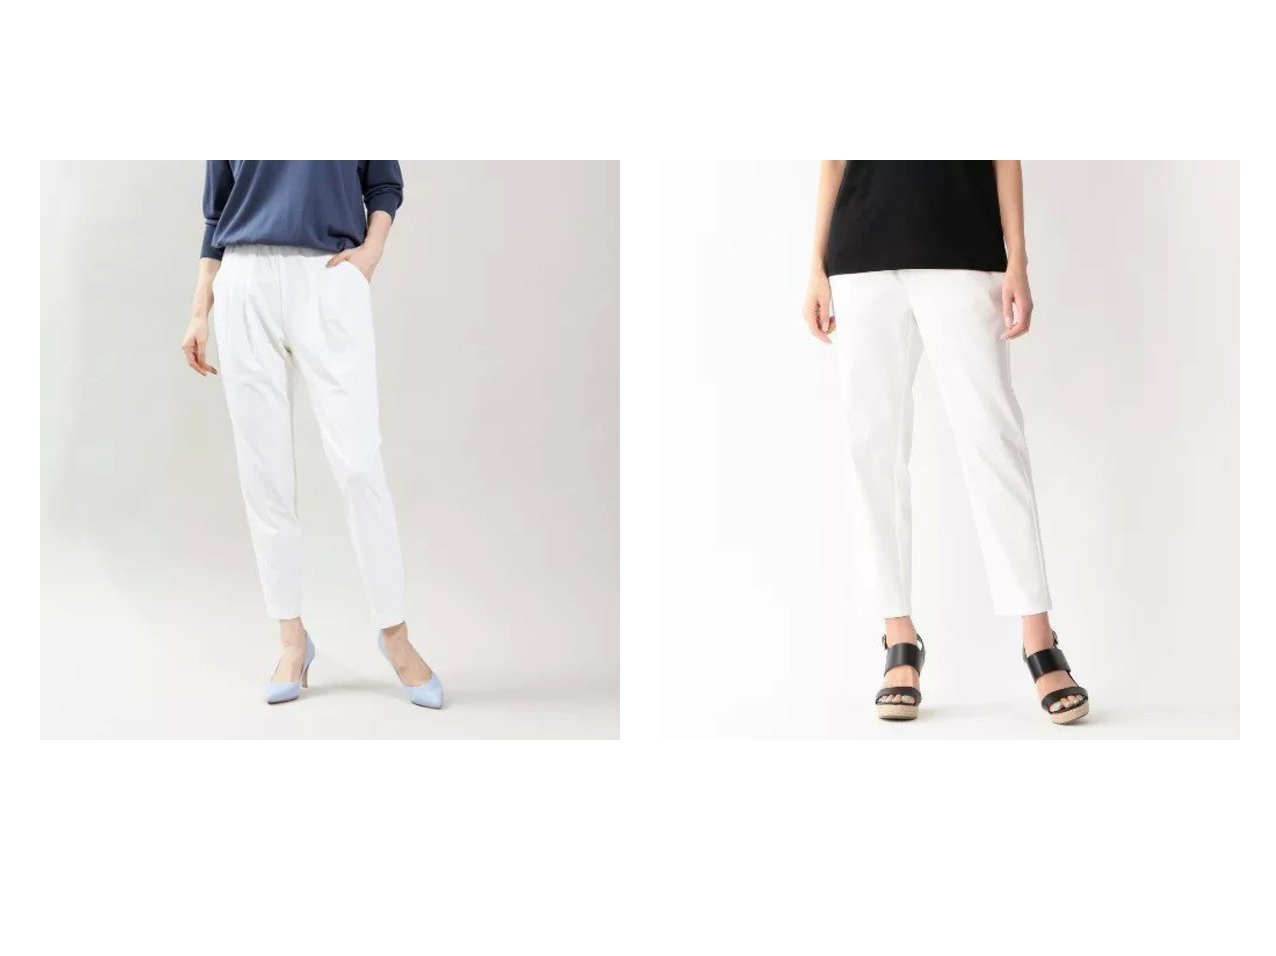 【qualite/カリテ】の《ブラック再入荷》2WAYストレッチタックパンツ&【S.ESSENTIALS/エス エッセンシャルズ】のホワイトチノスリムストレッチイージーパンツ 【パンツ】おすすめ!人気、トレンド・レディースファッションの通販 おすすめで人気の流行・トレンド、ファッションの通販商品 メンズファッション・キッズファッション・インテリア・家具・レディースファッション・服の通販 founy(ファニー) https://founy.com/ ファッション Fashion レディースファッション WOMEN パンツ Pants シンプル ストレッチ スリム 定番 Standard |ID:crp329100000029100